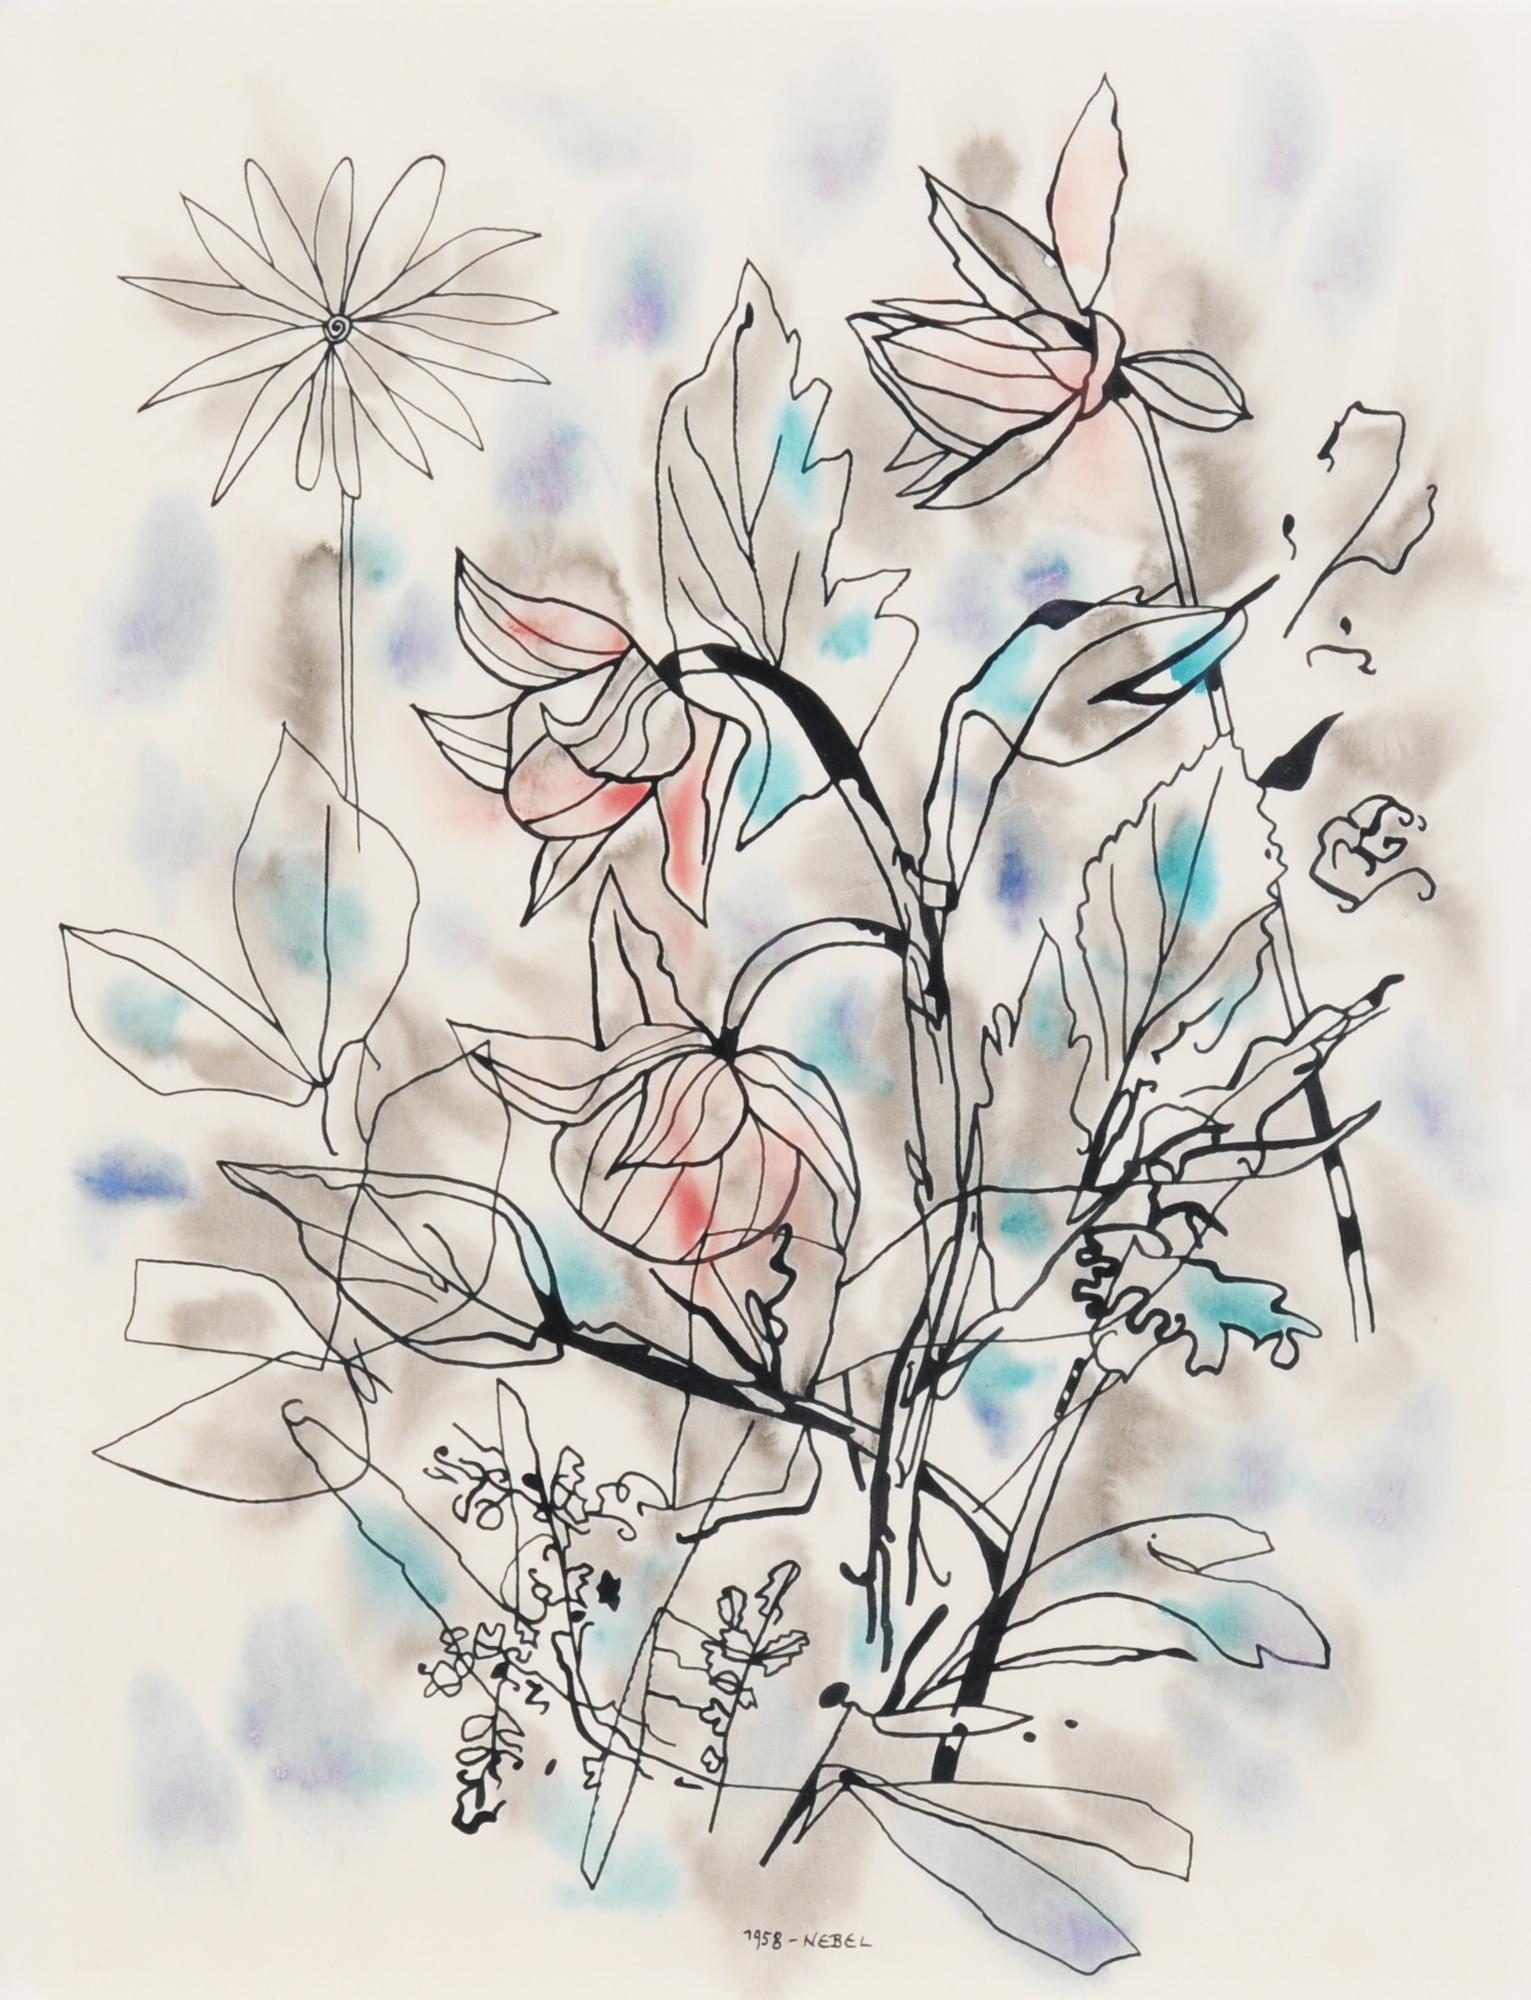 Nebel Otto, Blumen